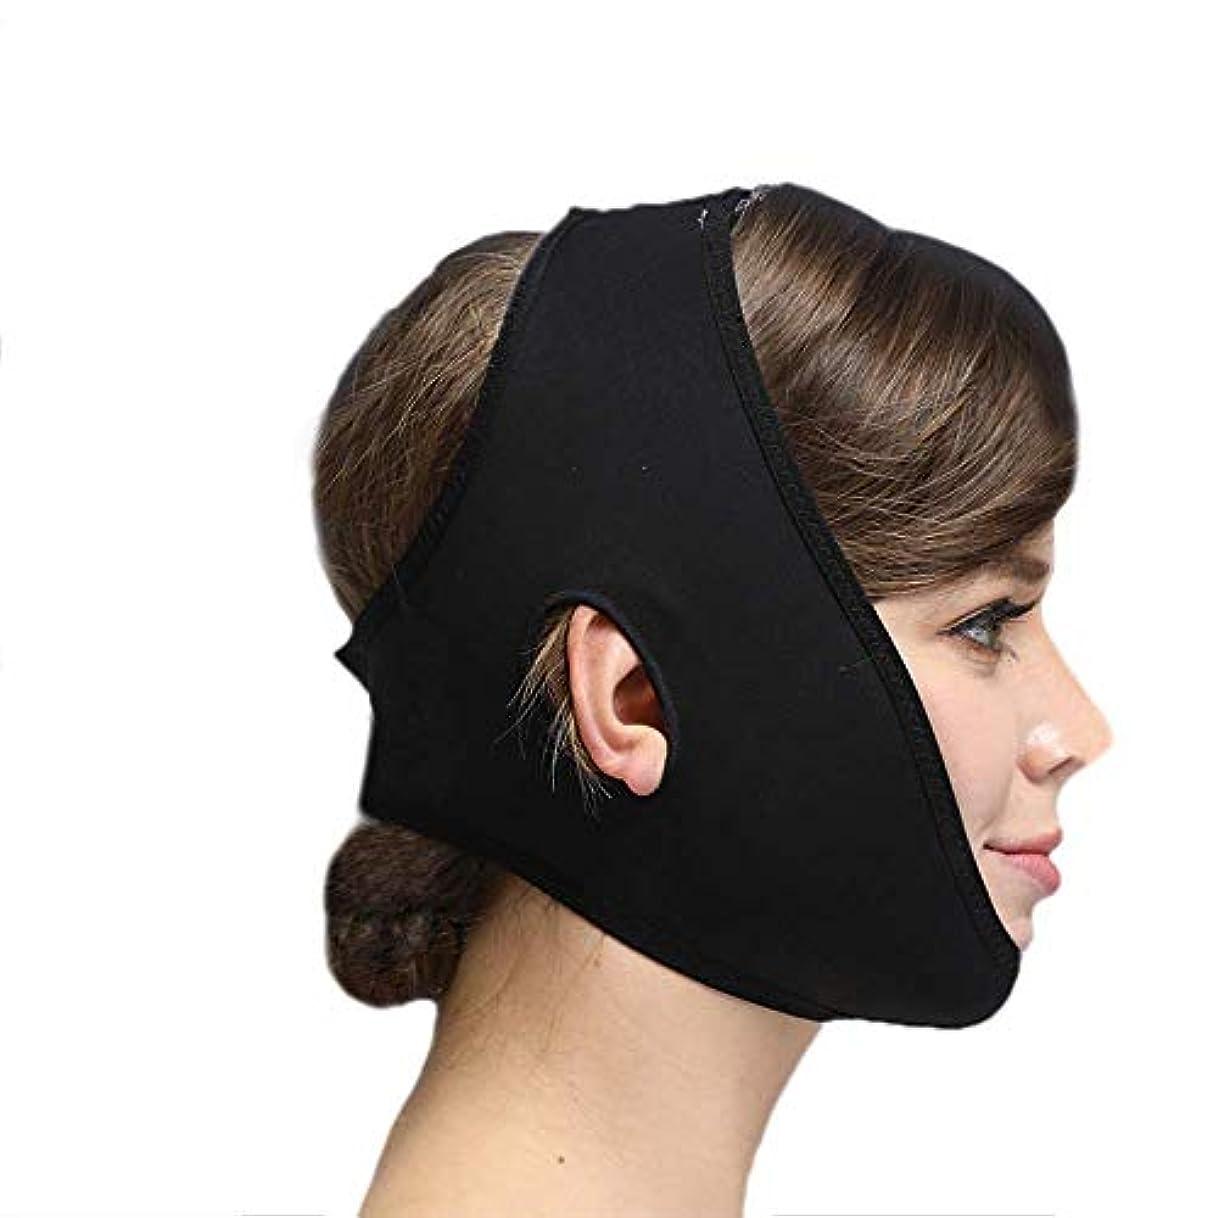 扱う没頭する保持するフェイススリミングマスク、快適さと通気性、フェイシャルリフティング、輪郭の改善された硬さ、ファーミングとリフティングフェイス(カラー:ブラック、サイズ:XL),ブラック2、S